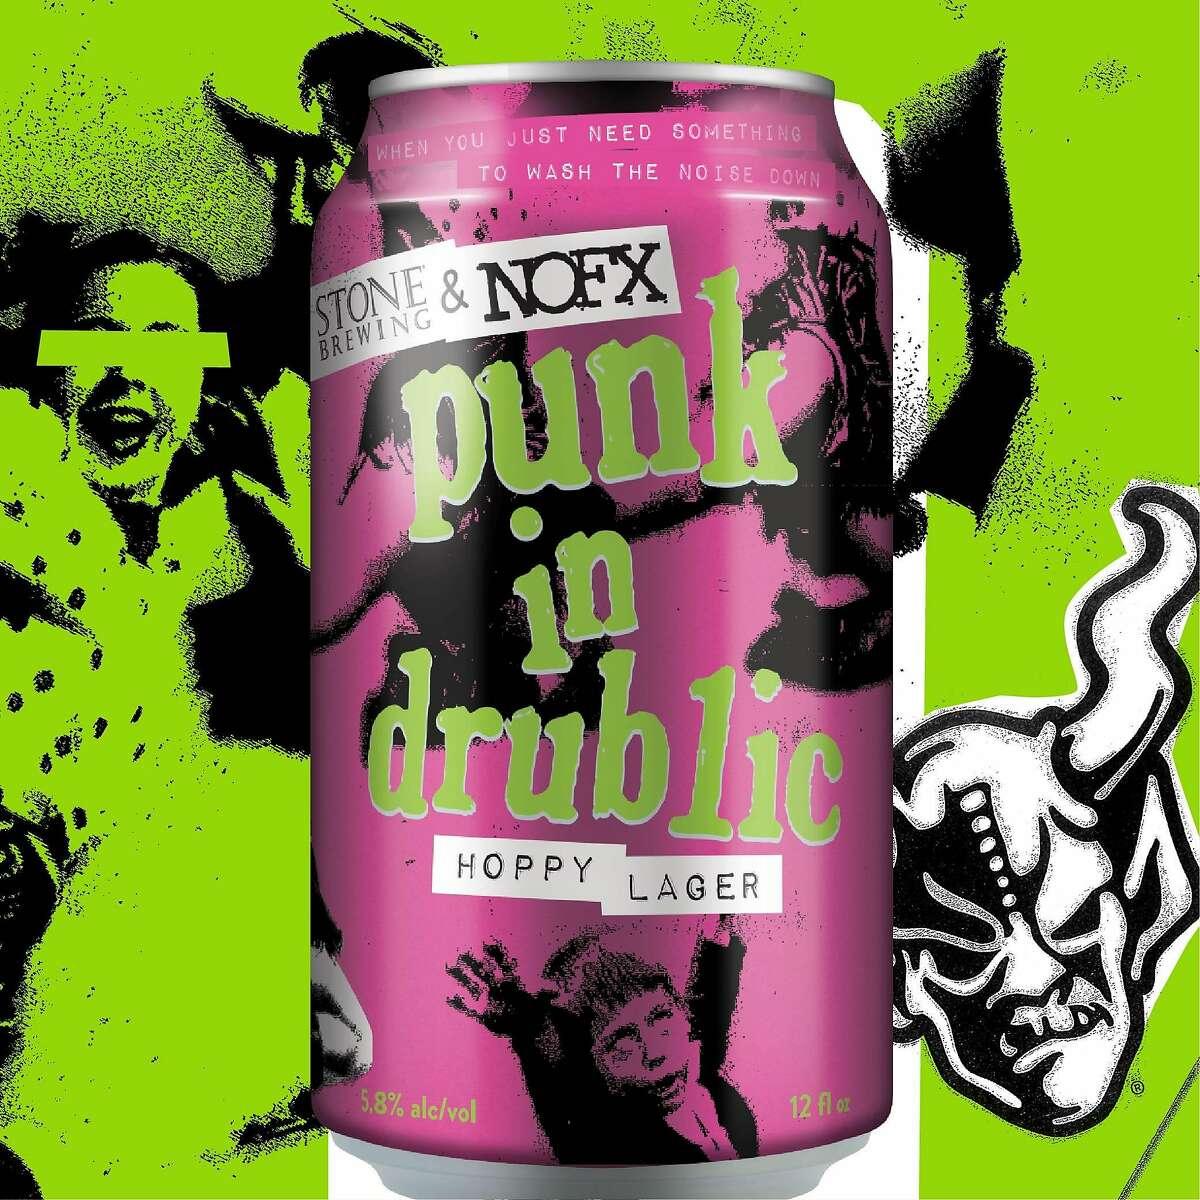 Punk in Drublic hoppy lager.